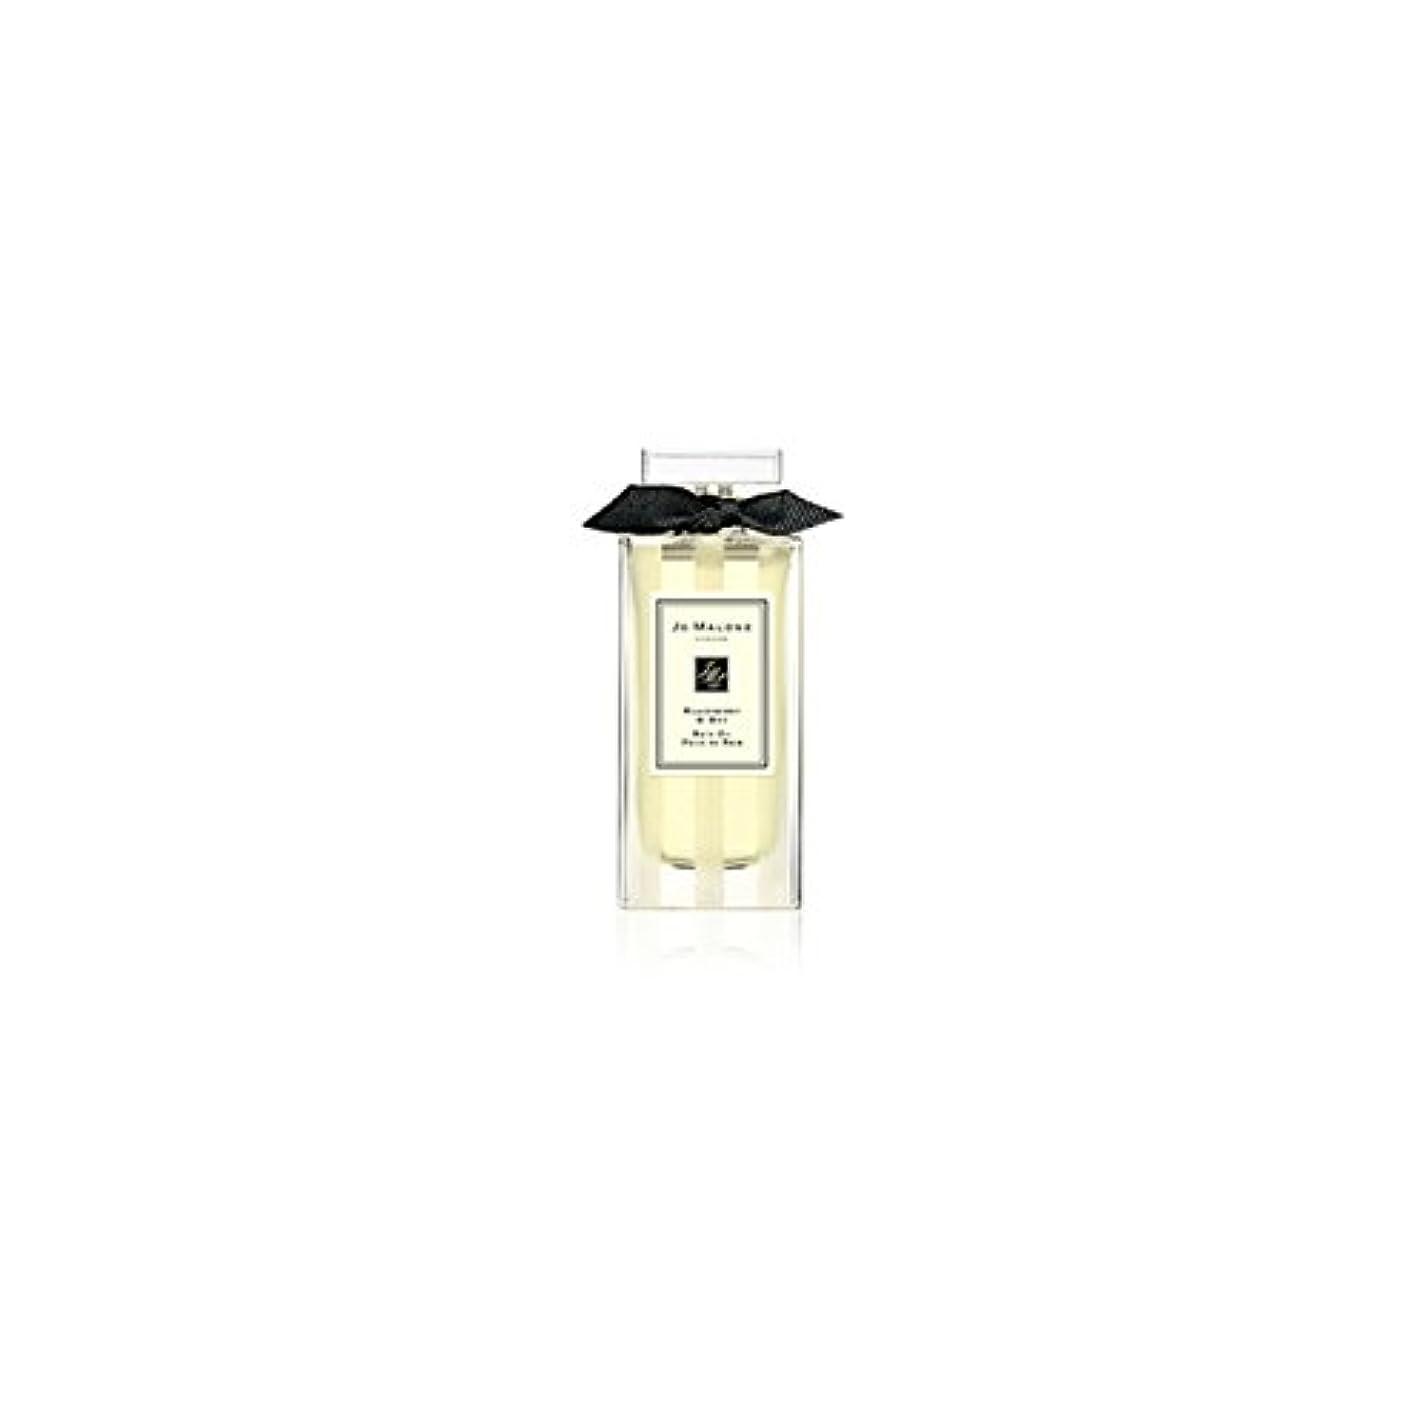 書士下に向けます平手打ちJo Malone Blackberry & Bay Bath Oil - 30ml (Pack of 6) - ジョーマローンブラックベリー&ベイバスオイル - 30ミリリットル (x6) [並行輸入品]